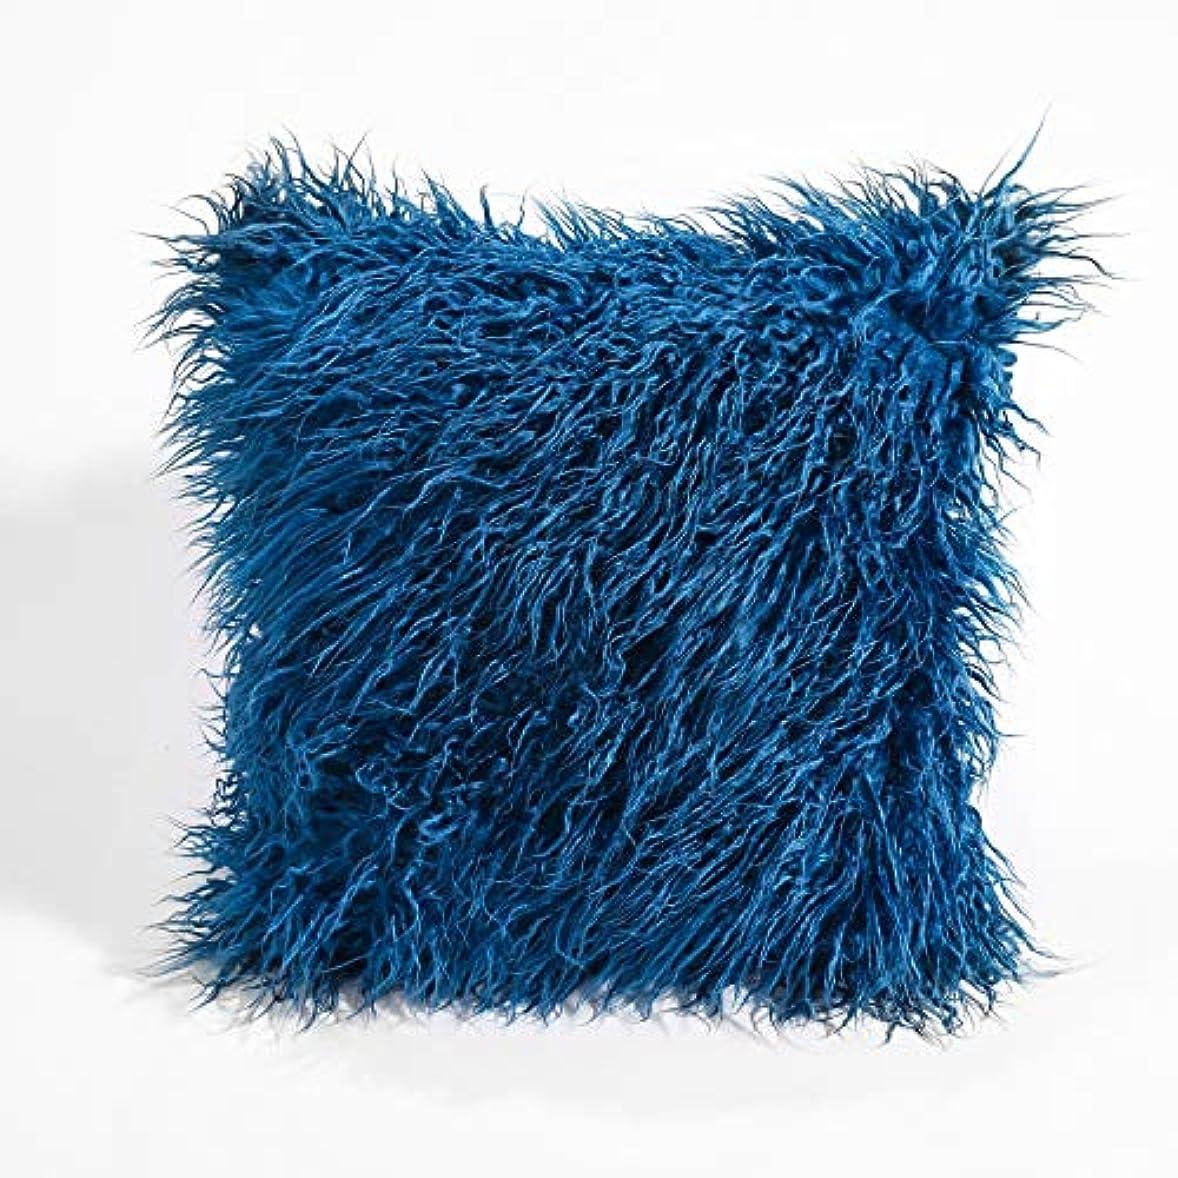 バスト消去寄付するLVESHOP 装飾的な新しい高級シリーズメリノスタイルブラックフェイクファースローピローケースクッションカバー(5パック) (色 : 青, Size : 5 pack)